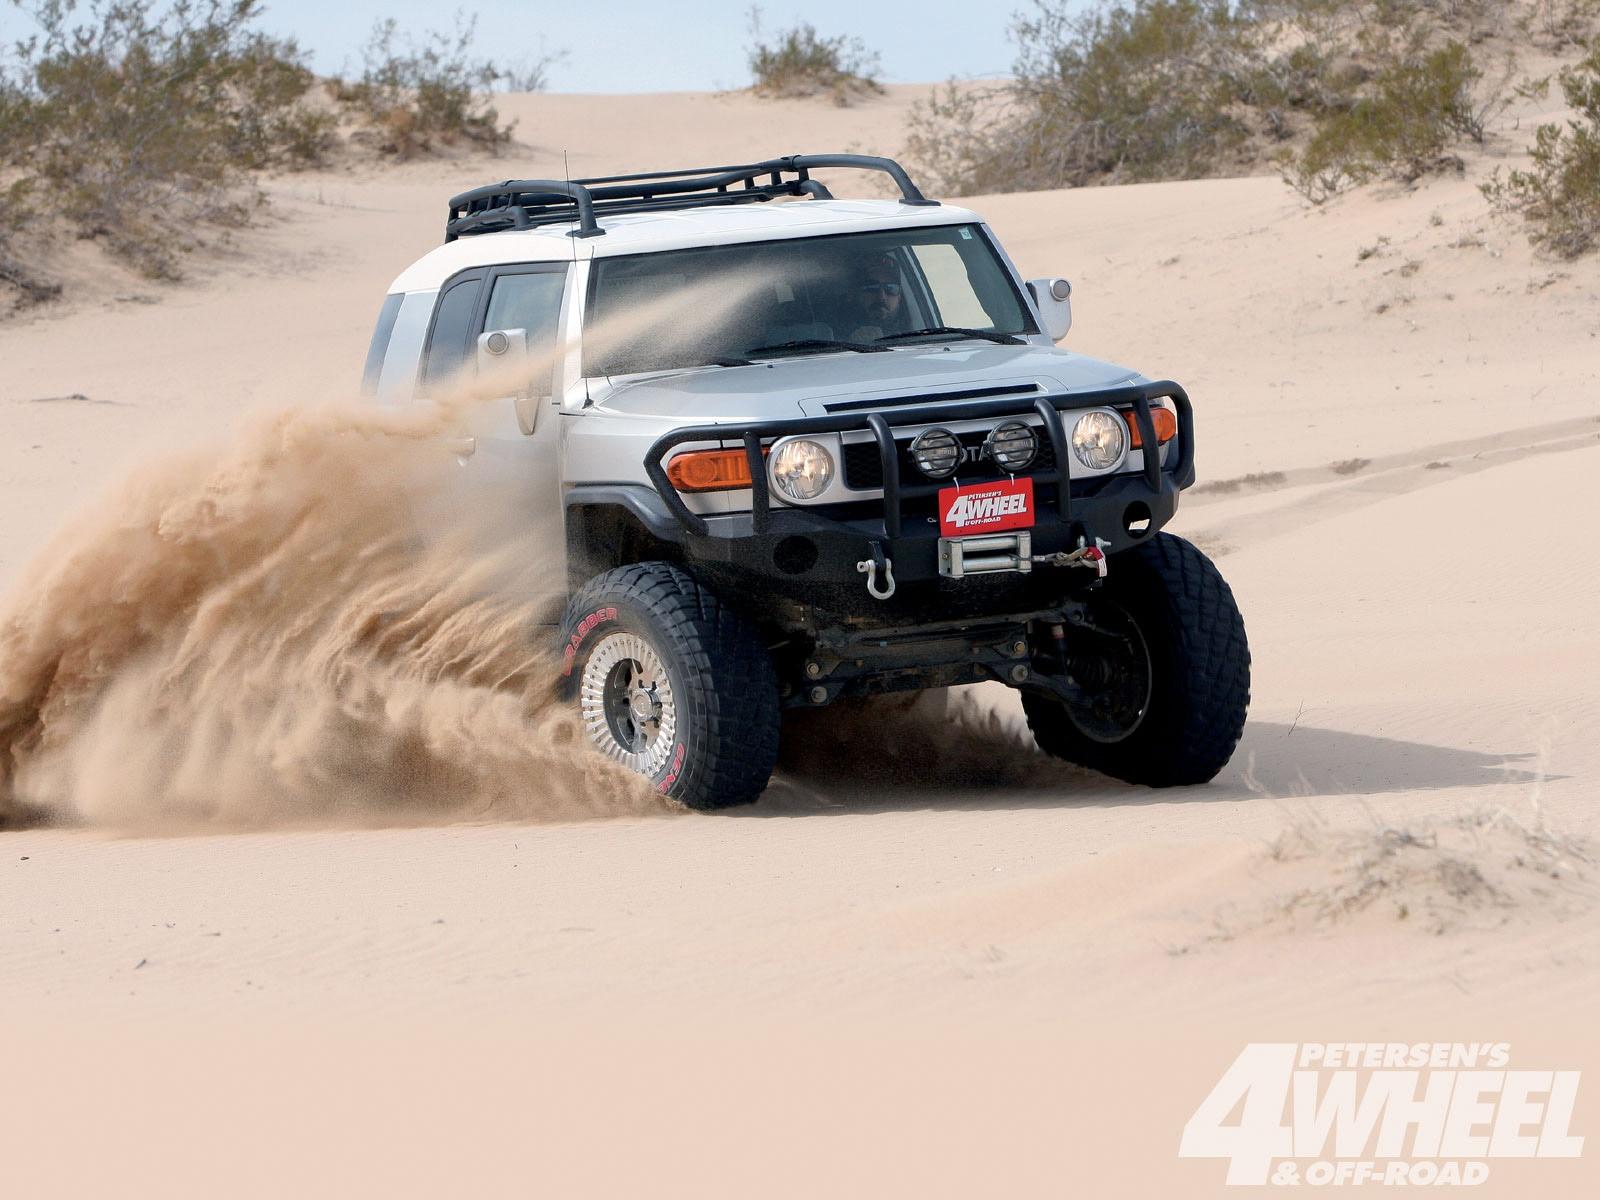 131 1007 01+new dot approved general tire grabber+desert